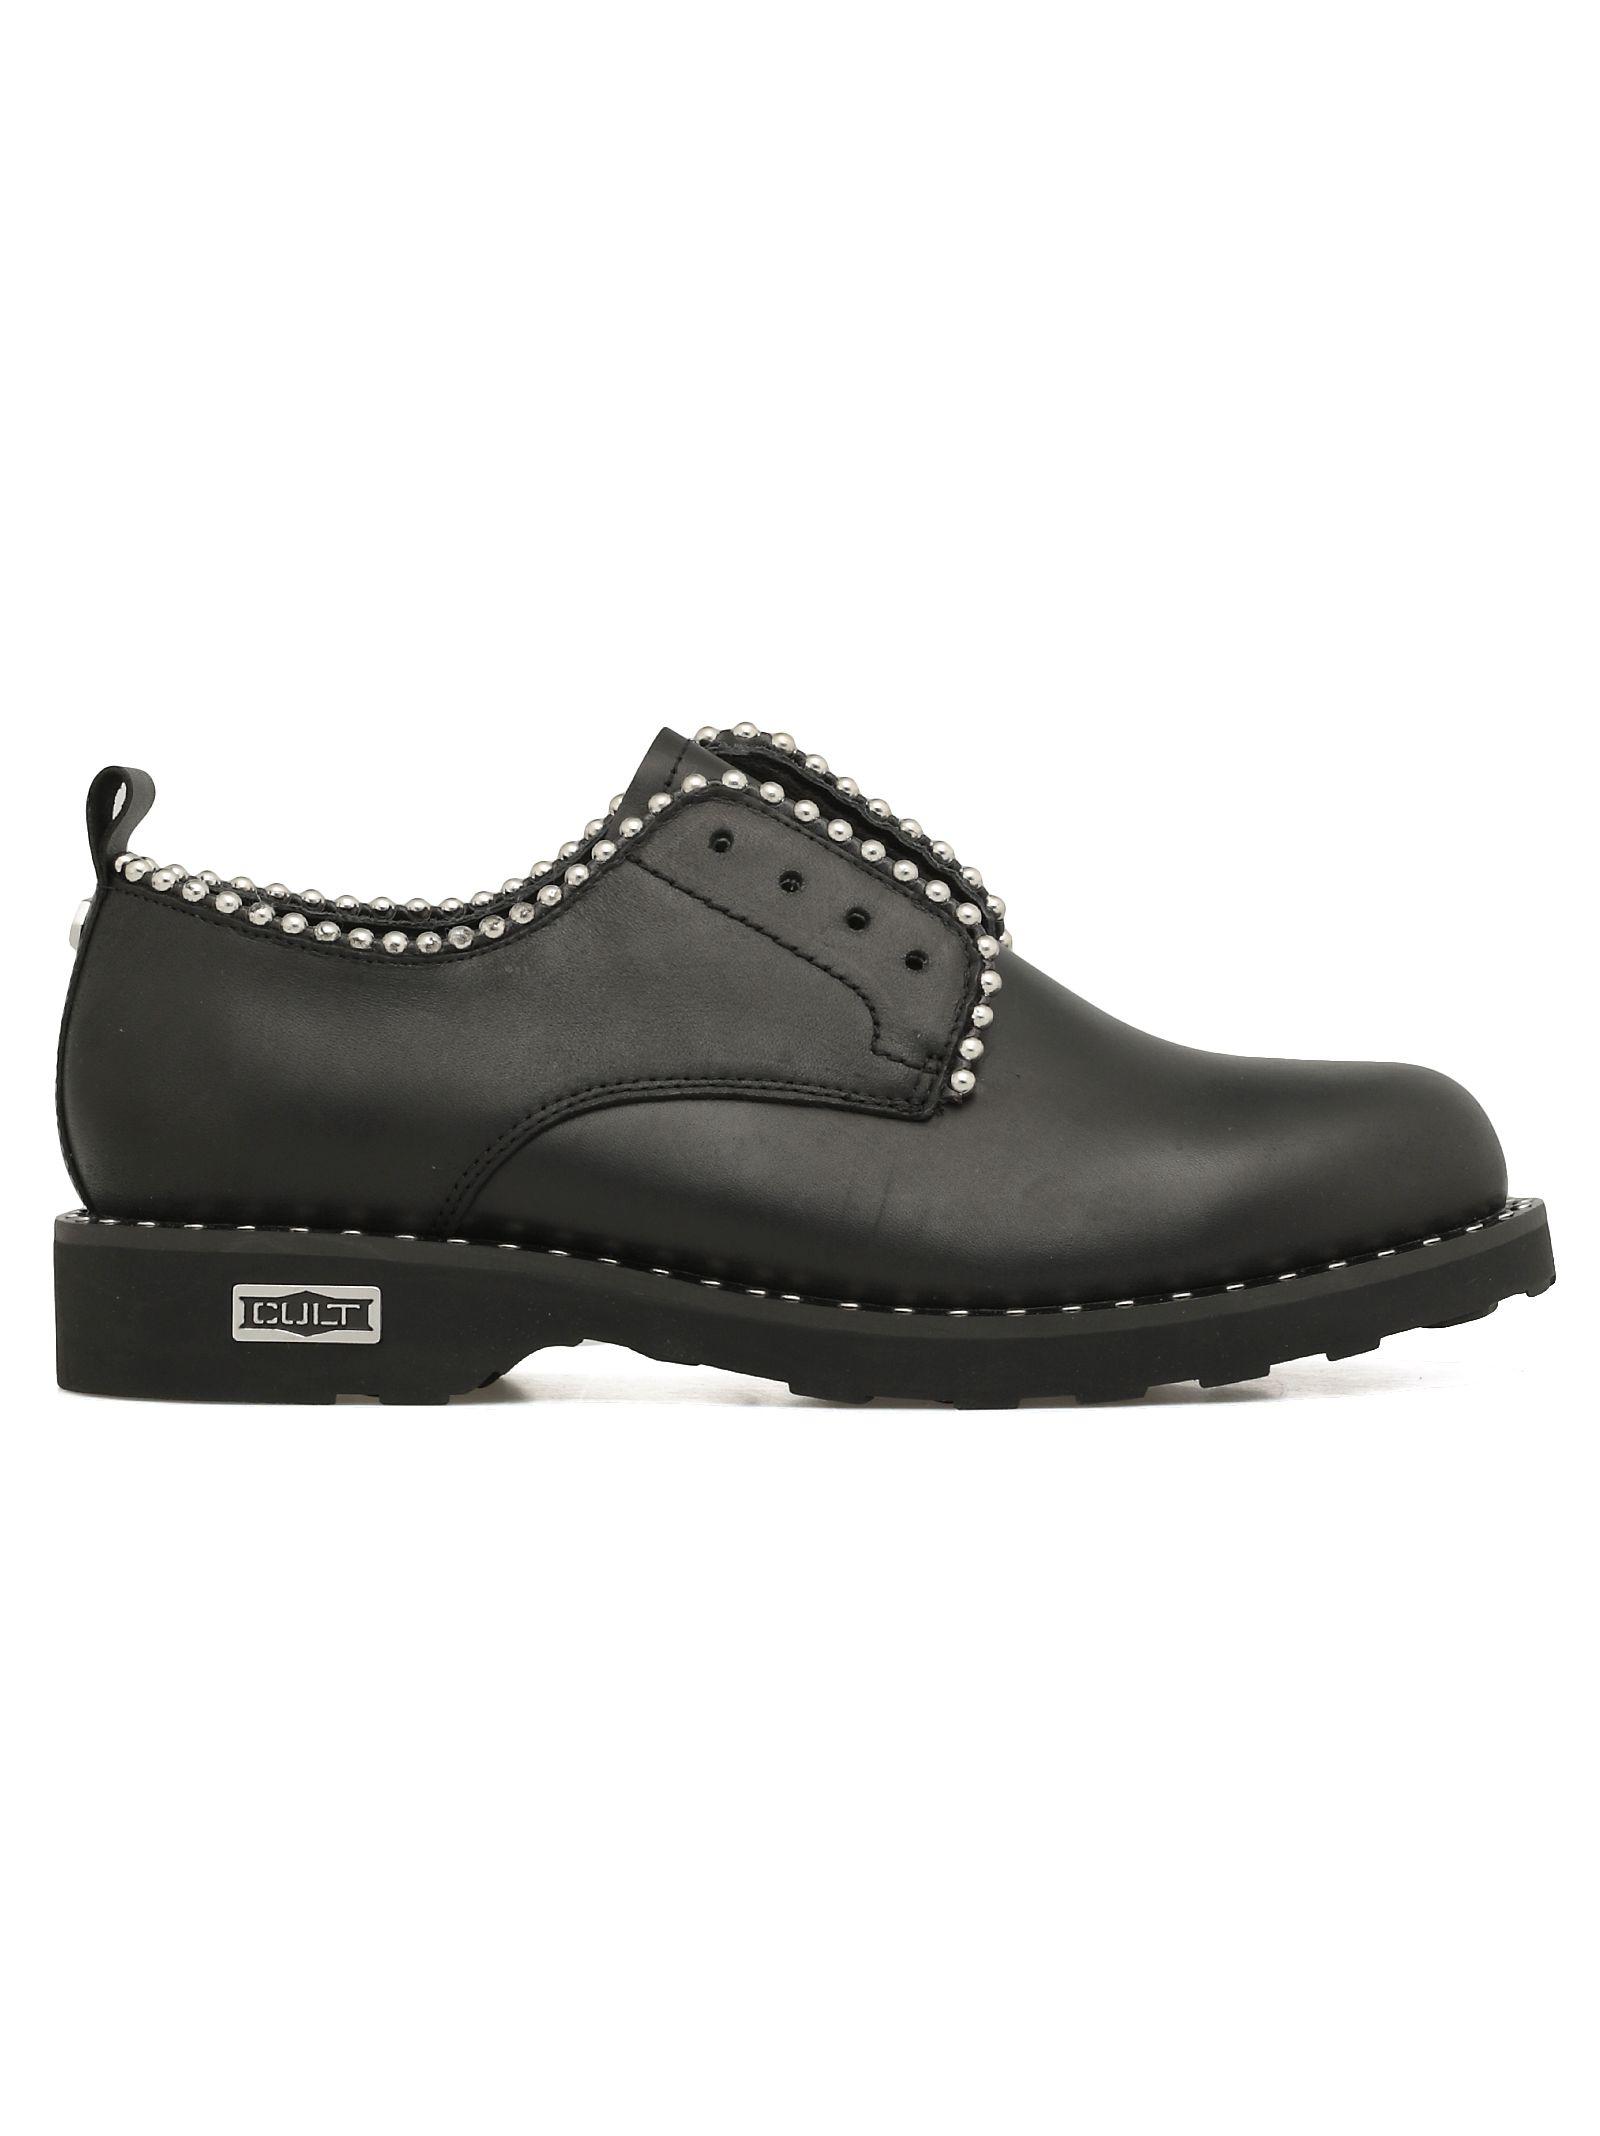 CULT Zeppelin Low Lace-Up Shoe in Black